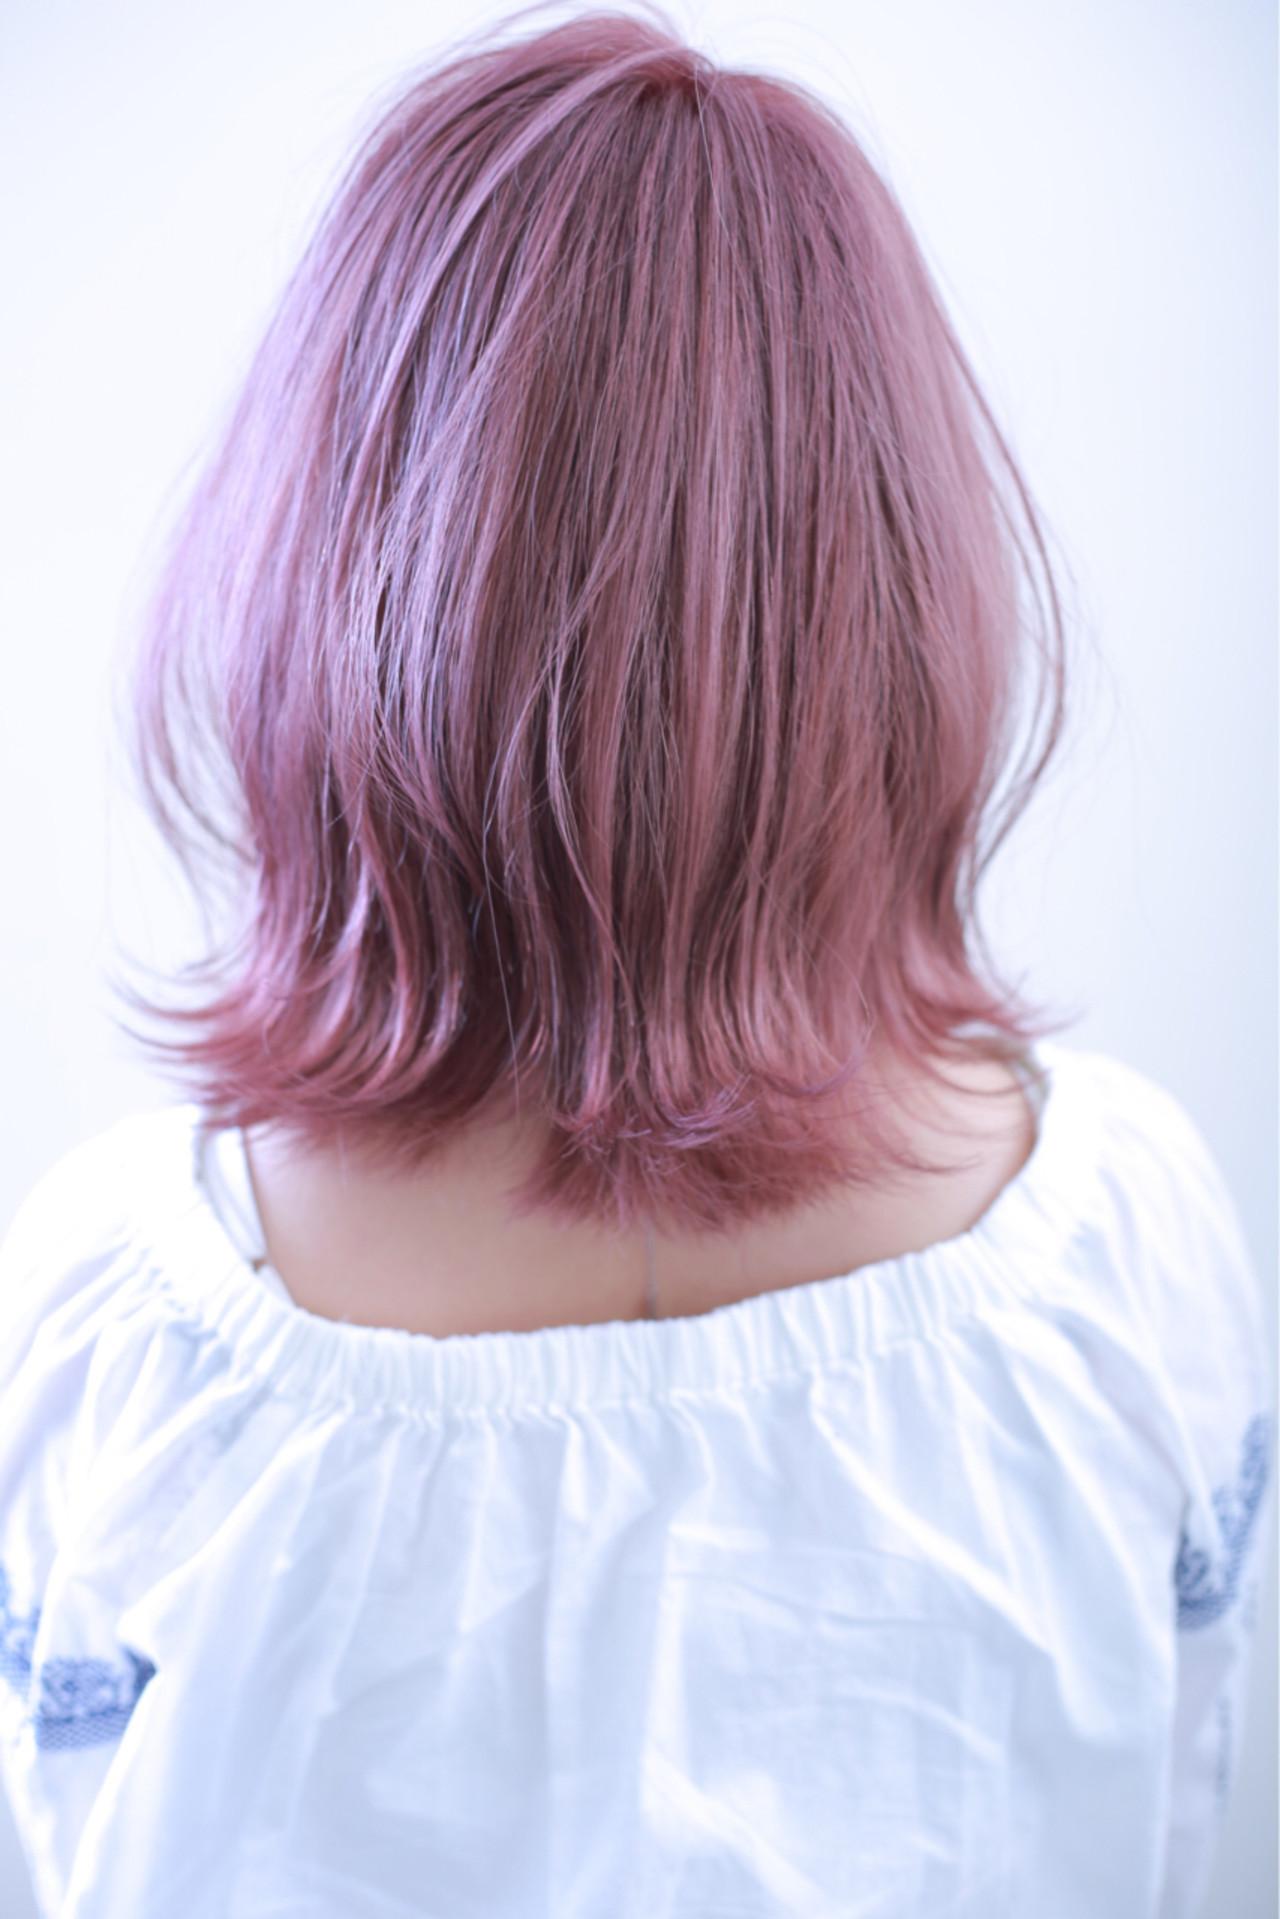 外国人風カラー ラベンダーピンク ピンク ダブルカラー ヘアスタイルや髪型の写真・画像